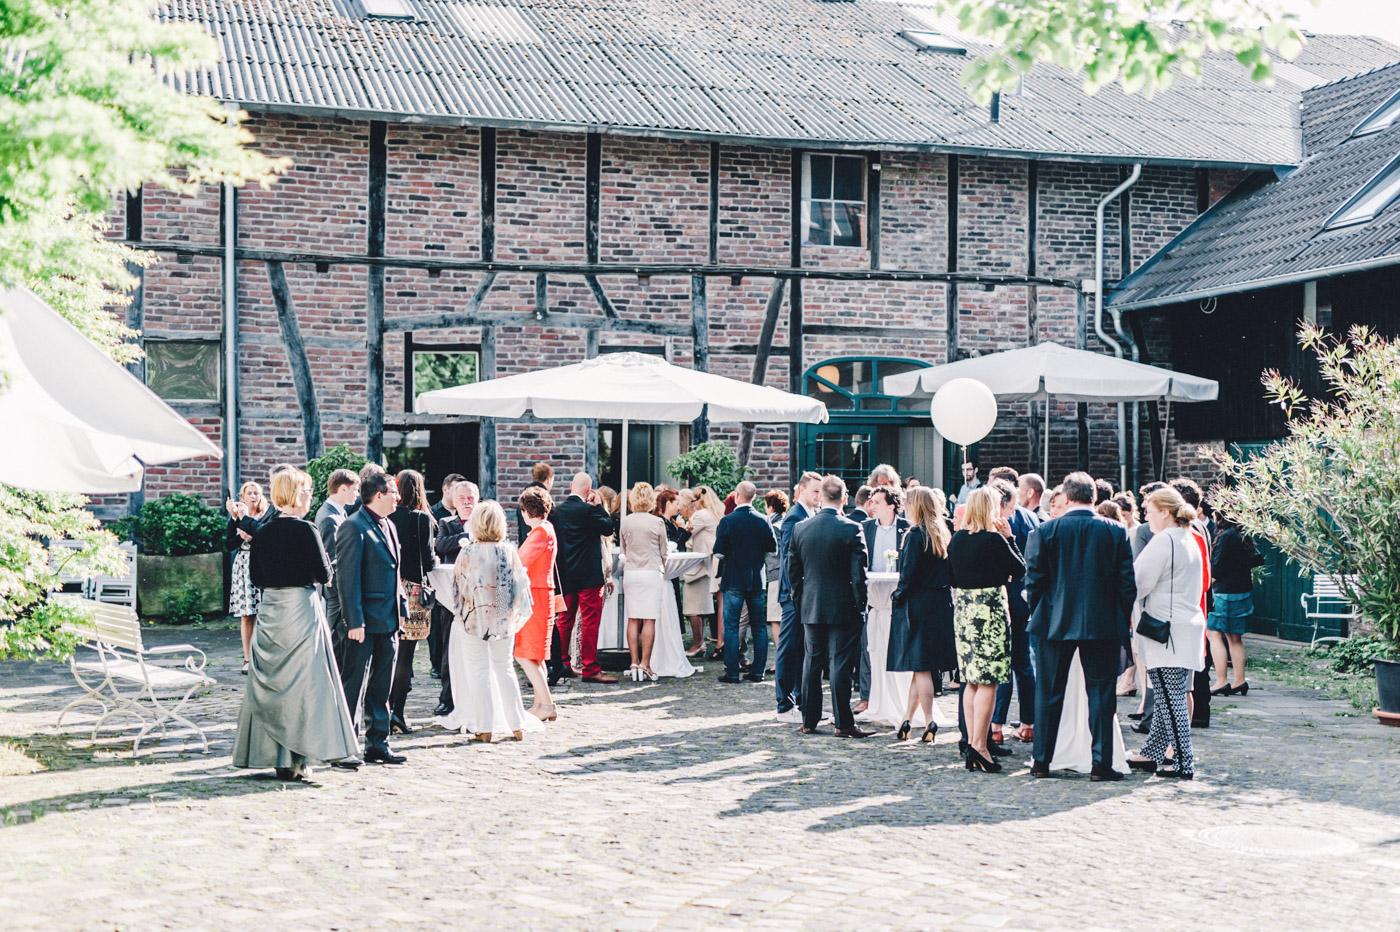 diy-wedding-nothenhof--108